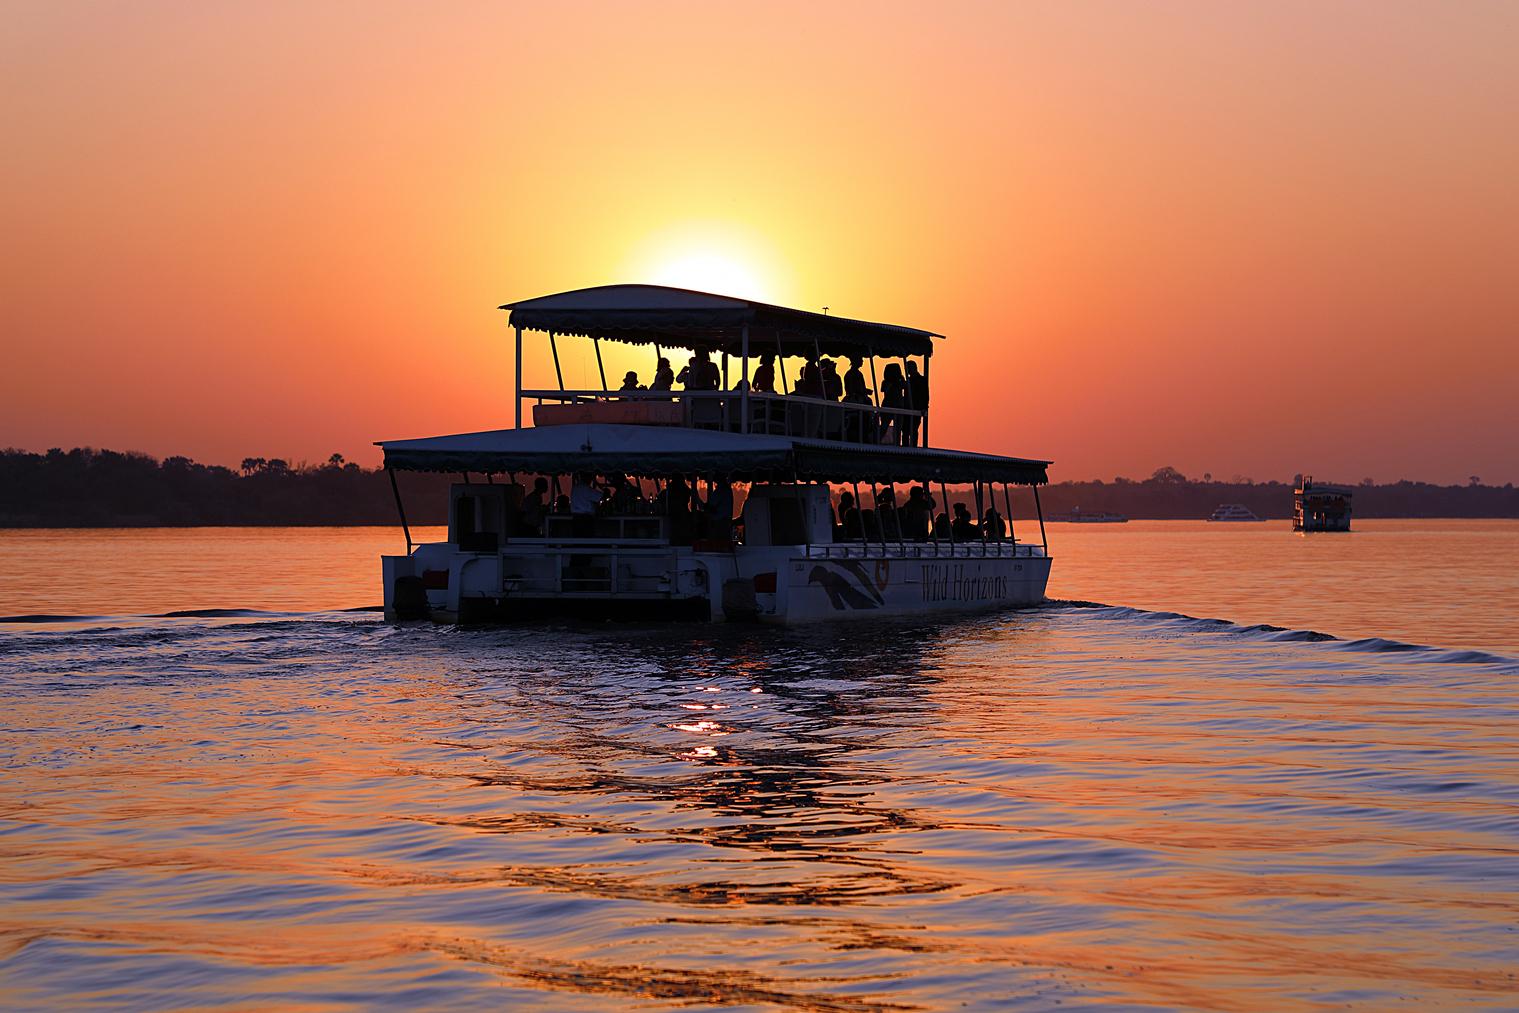 Sunset cruise - Wild Horizons